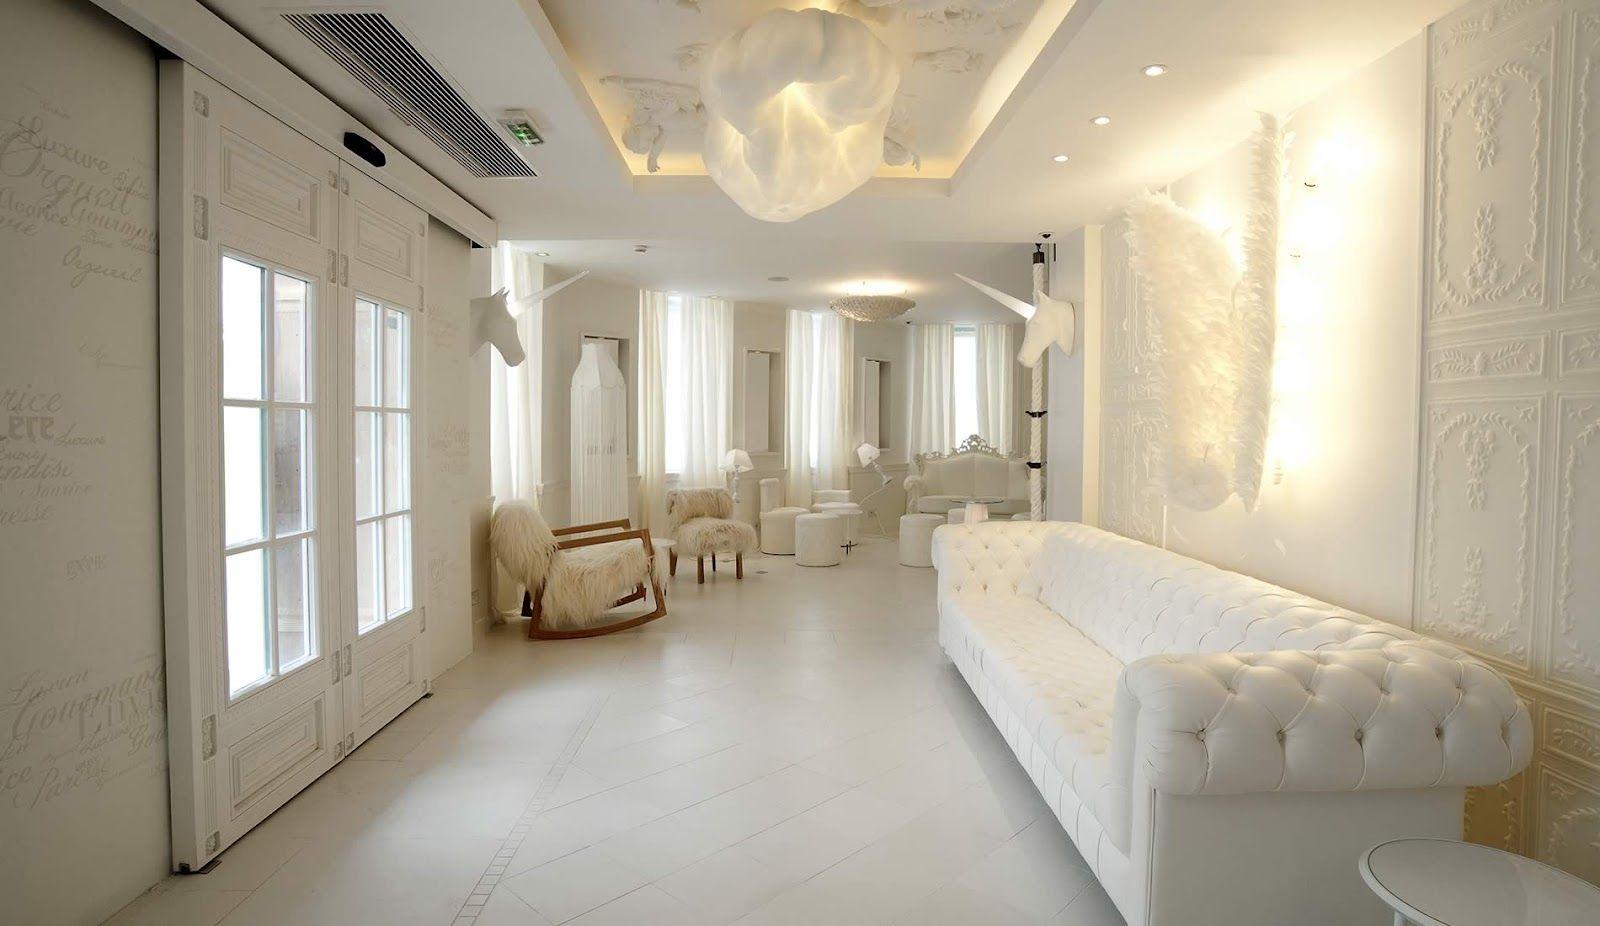 19 Hôtel Vice Versa Paris Ideas Paris Hotels Hotels Design Home Decor